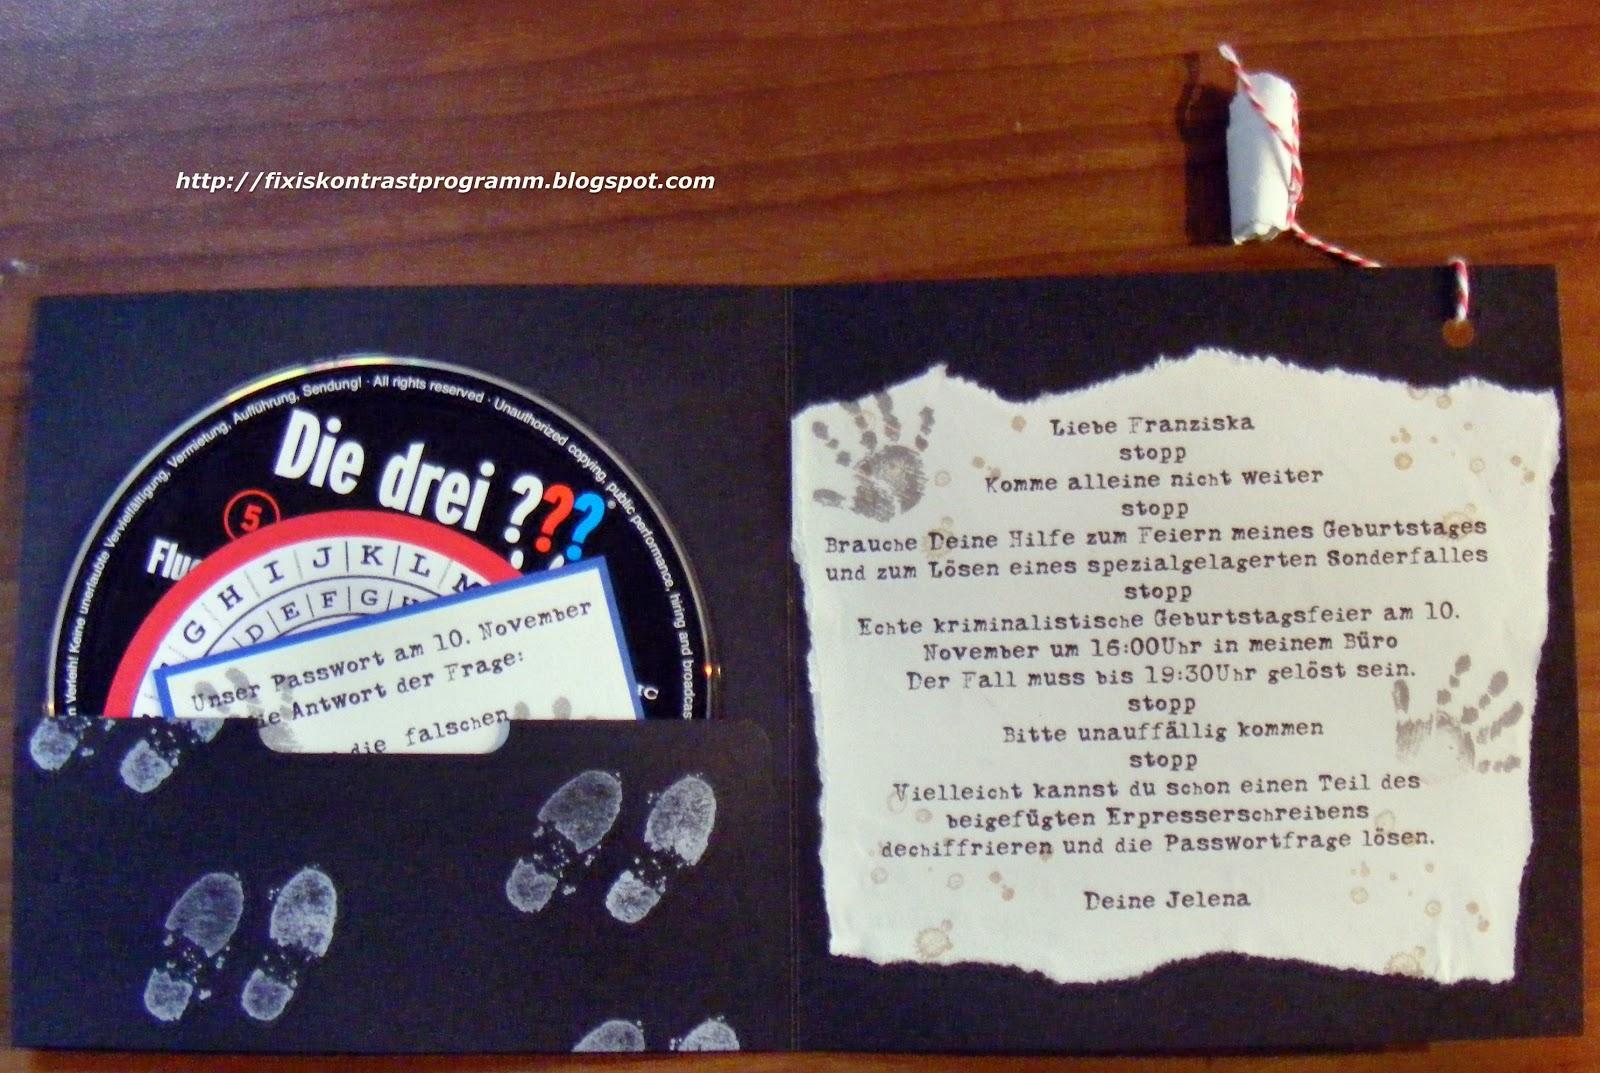 Schön Kontrastprogramm: Die Drei Fragezeichen  Eine Party, Einladung